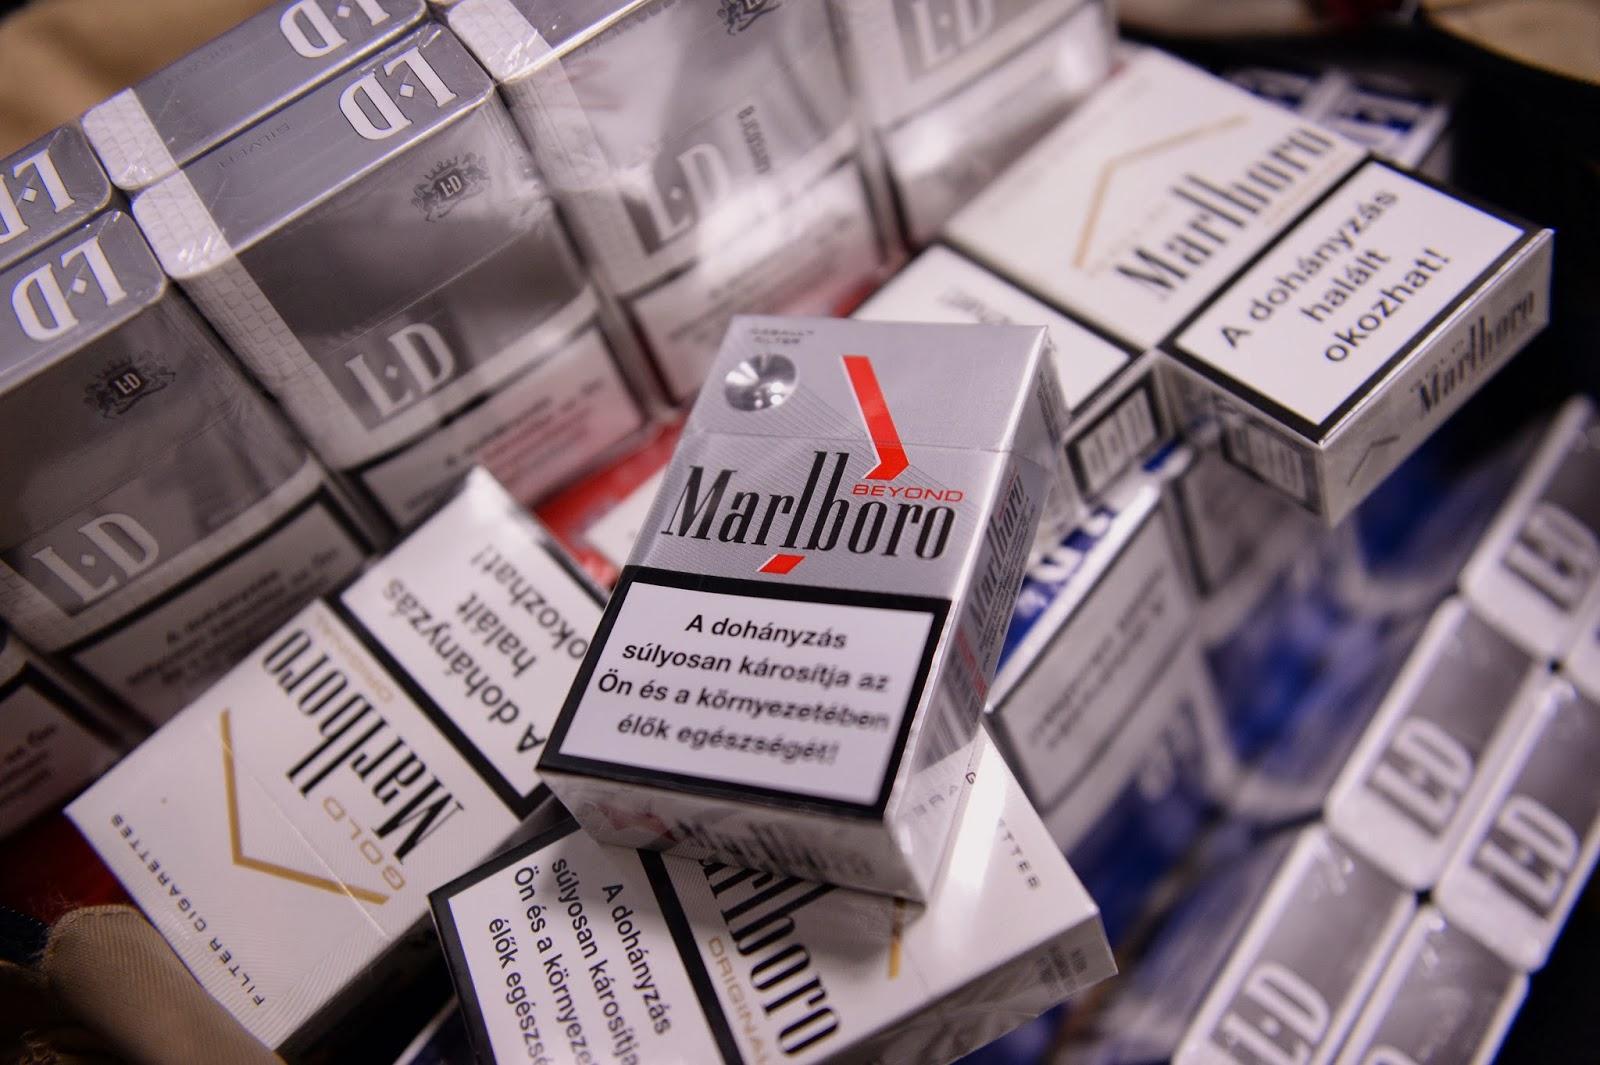 Black Market, Box, Business, Cigarette, Crime, Economy, Government, Health, Hungary, Illegal, License, Marlboro, News, Politician, Politics, Tobacco, Vendor, World,